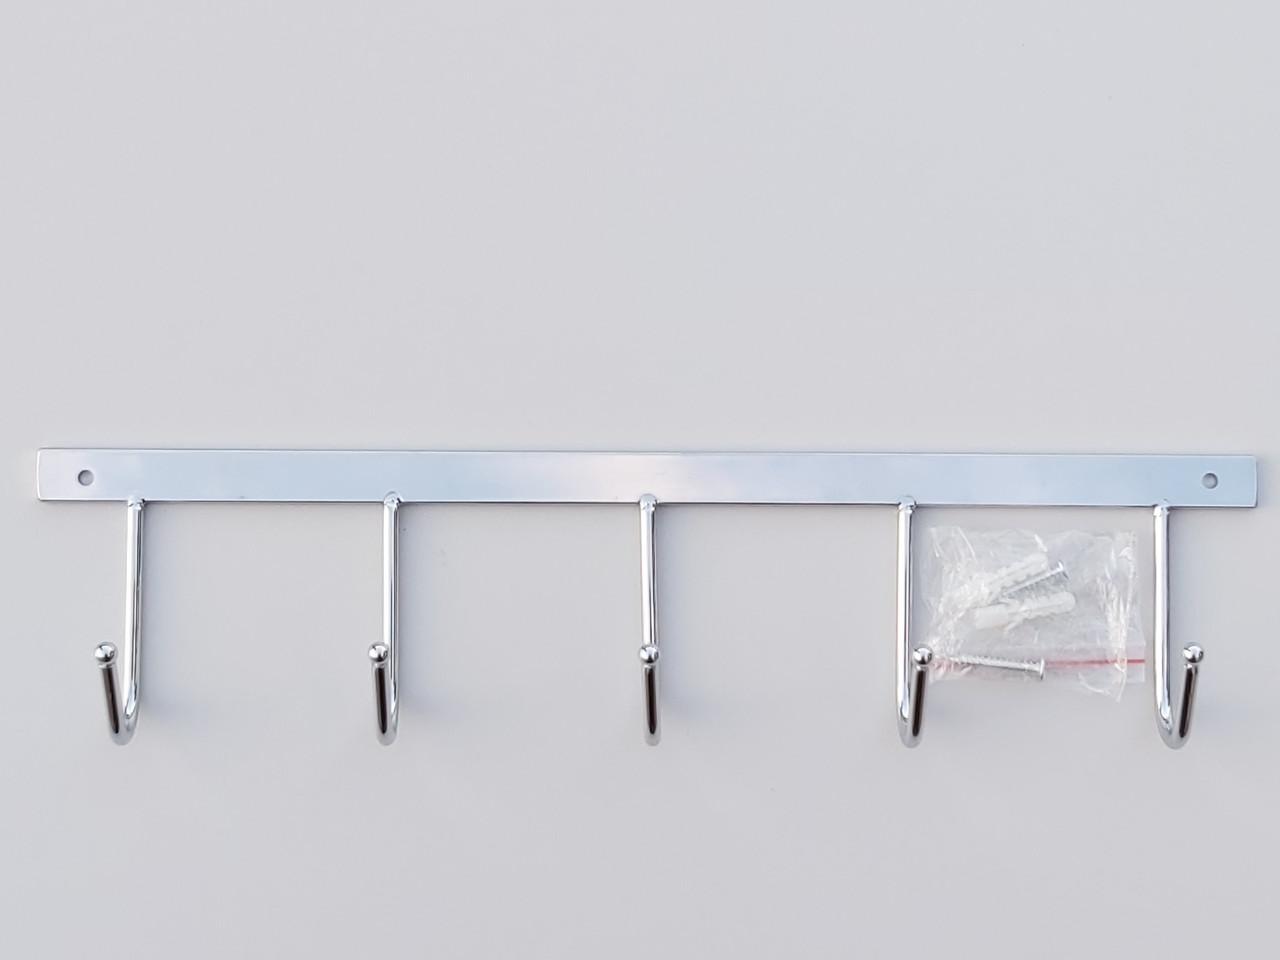 Длина 33 см. Вешалка ВНД5  настенная металл в хромированном покрытии на 5 крючков